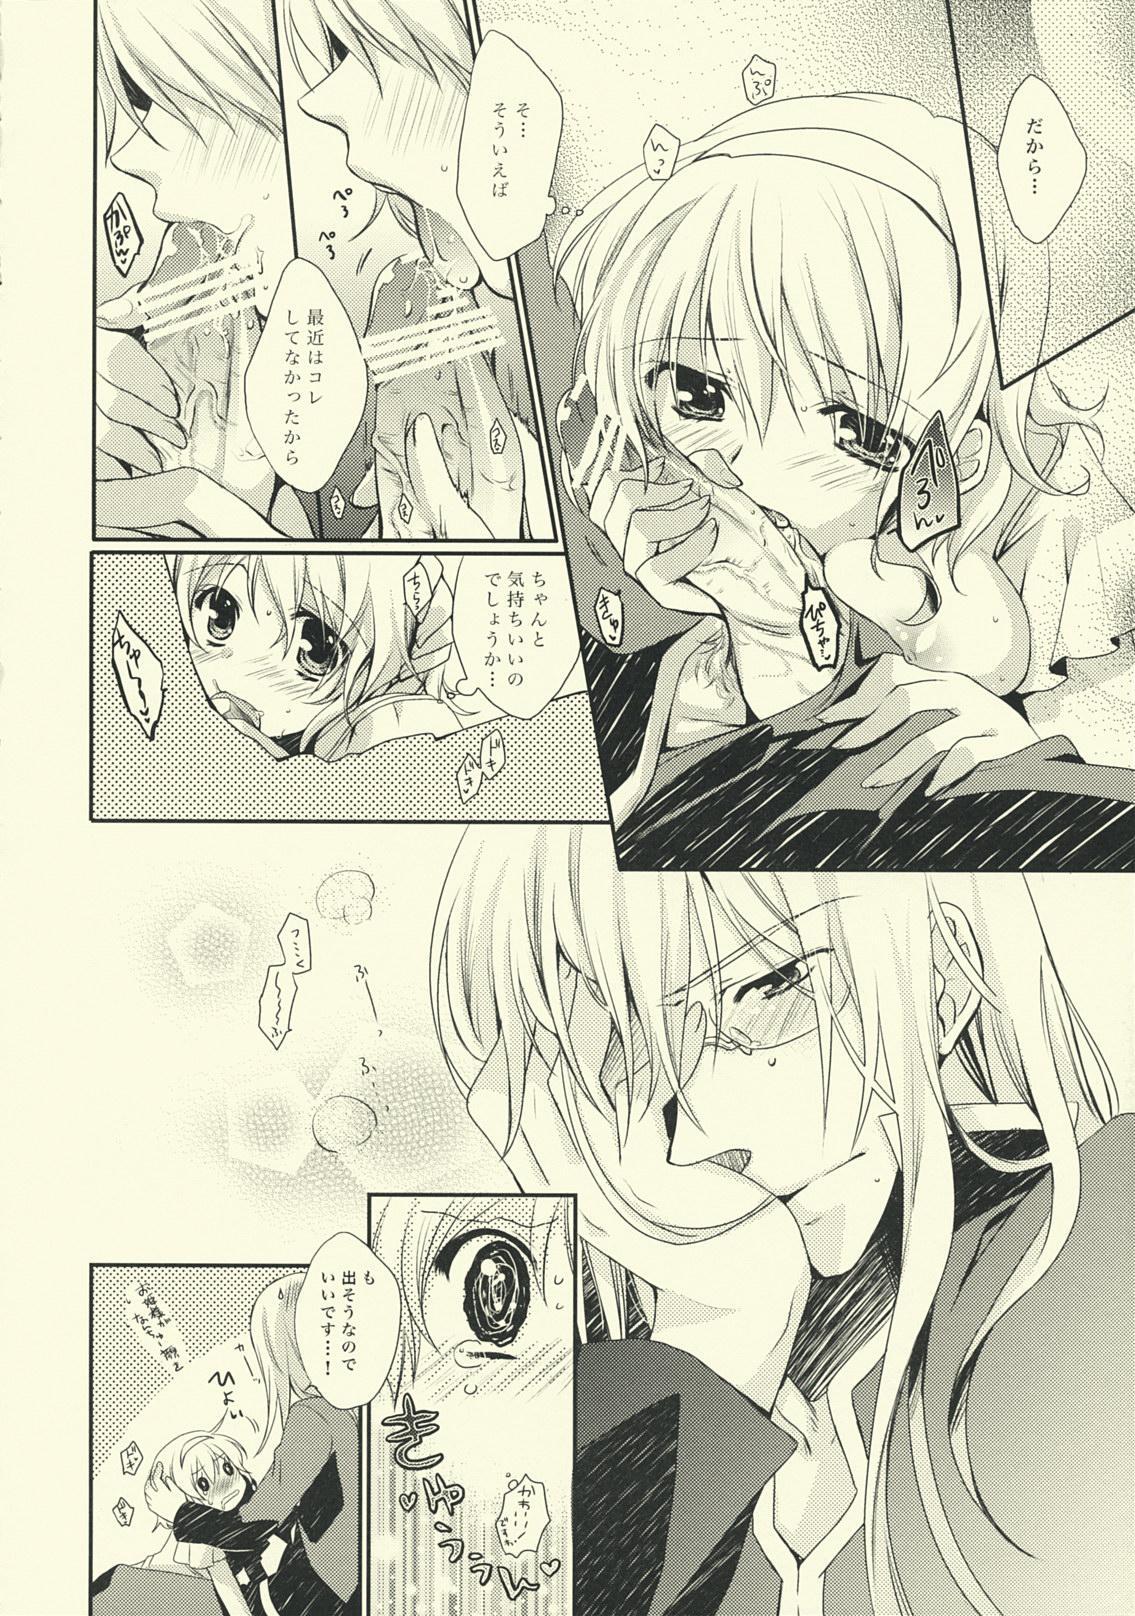 (SUPER18) [Shinsen Gokuraku (Shuragyoku Mami)] NO-JN-NO-LIFE (Tales of the Abyss) 10